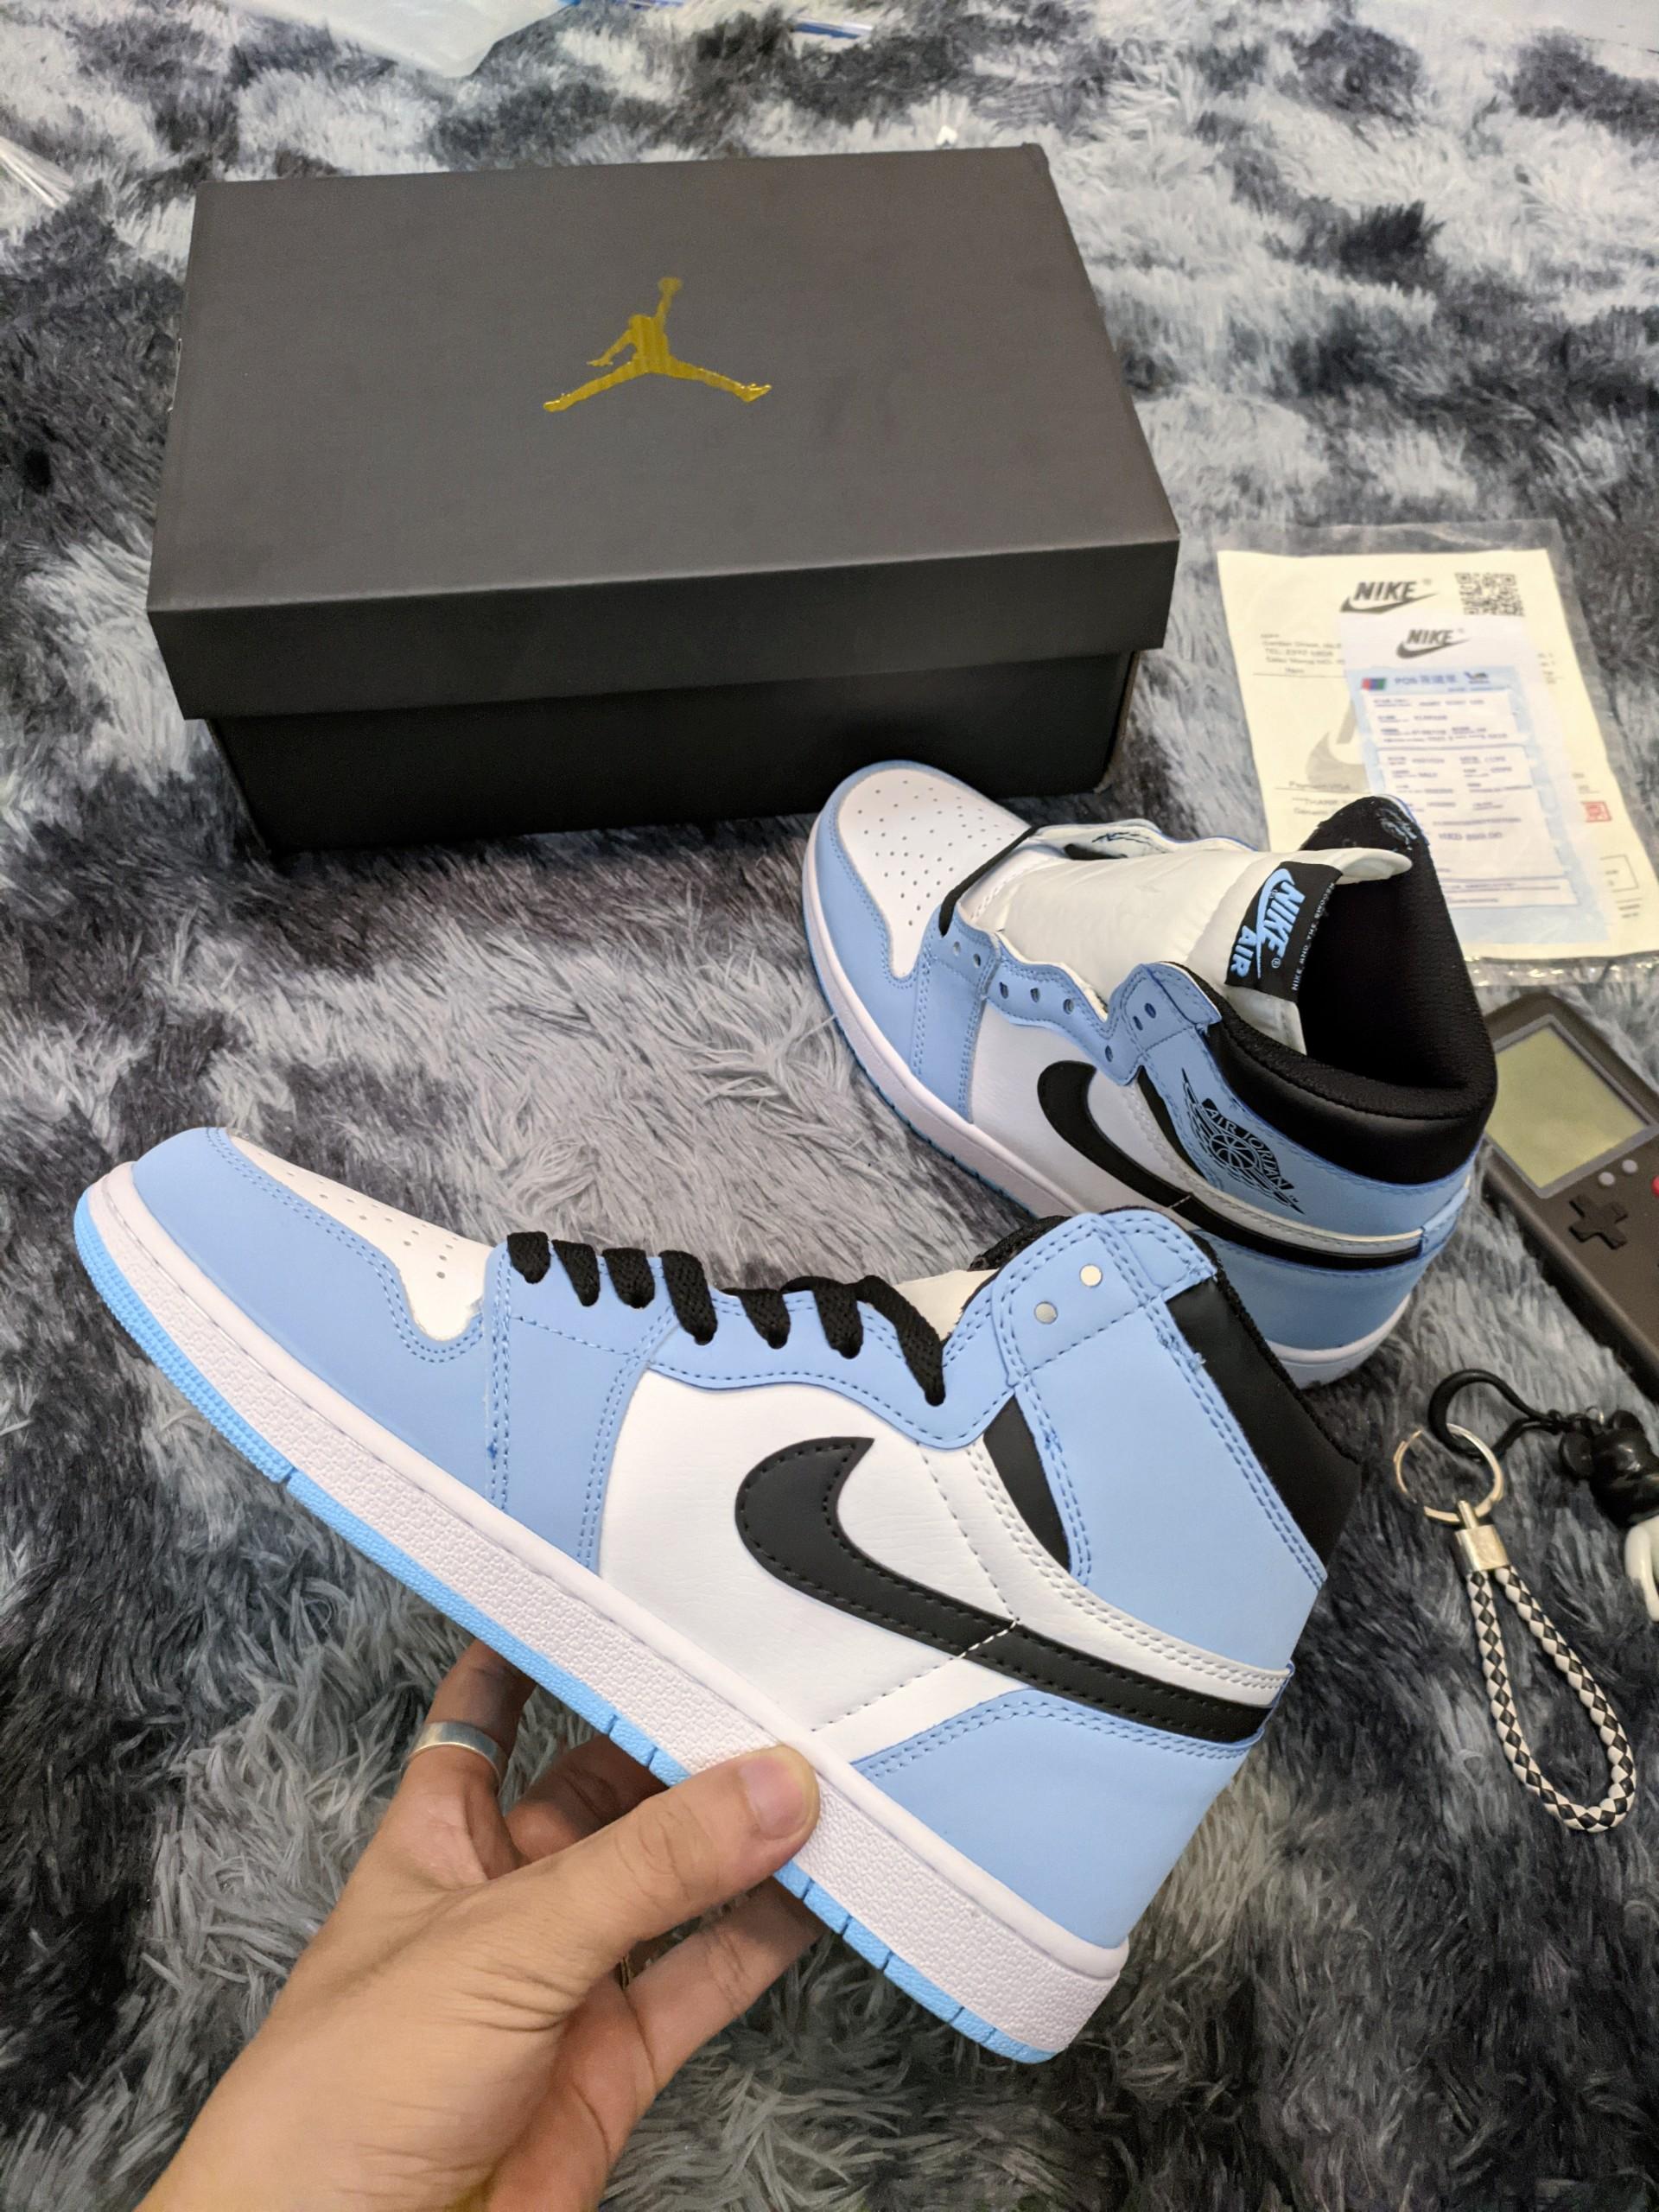 Giày Thể Thao Nike Air Jordan 1 Retro High OG University